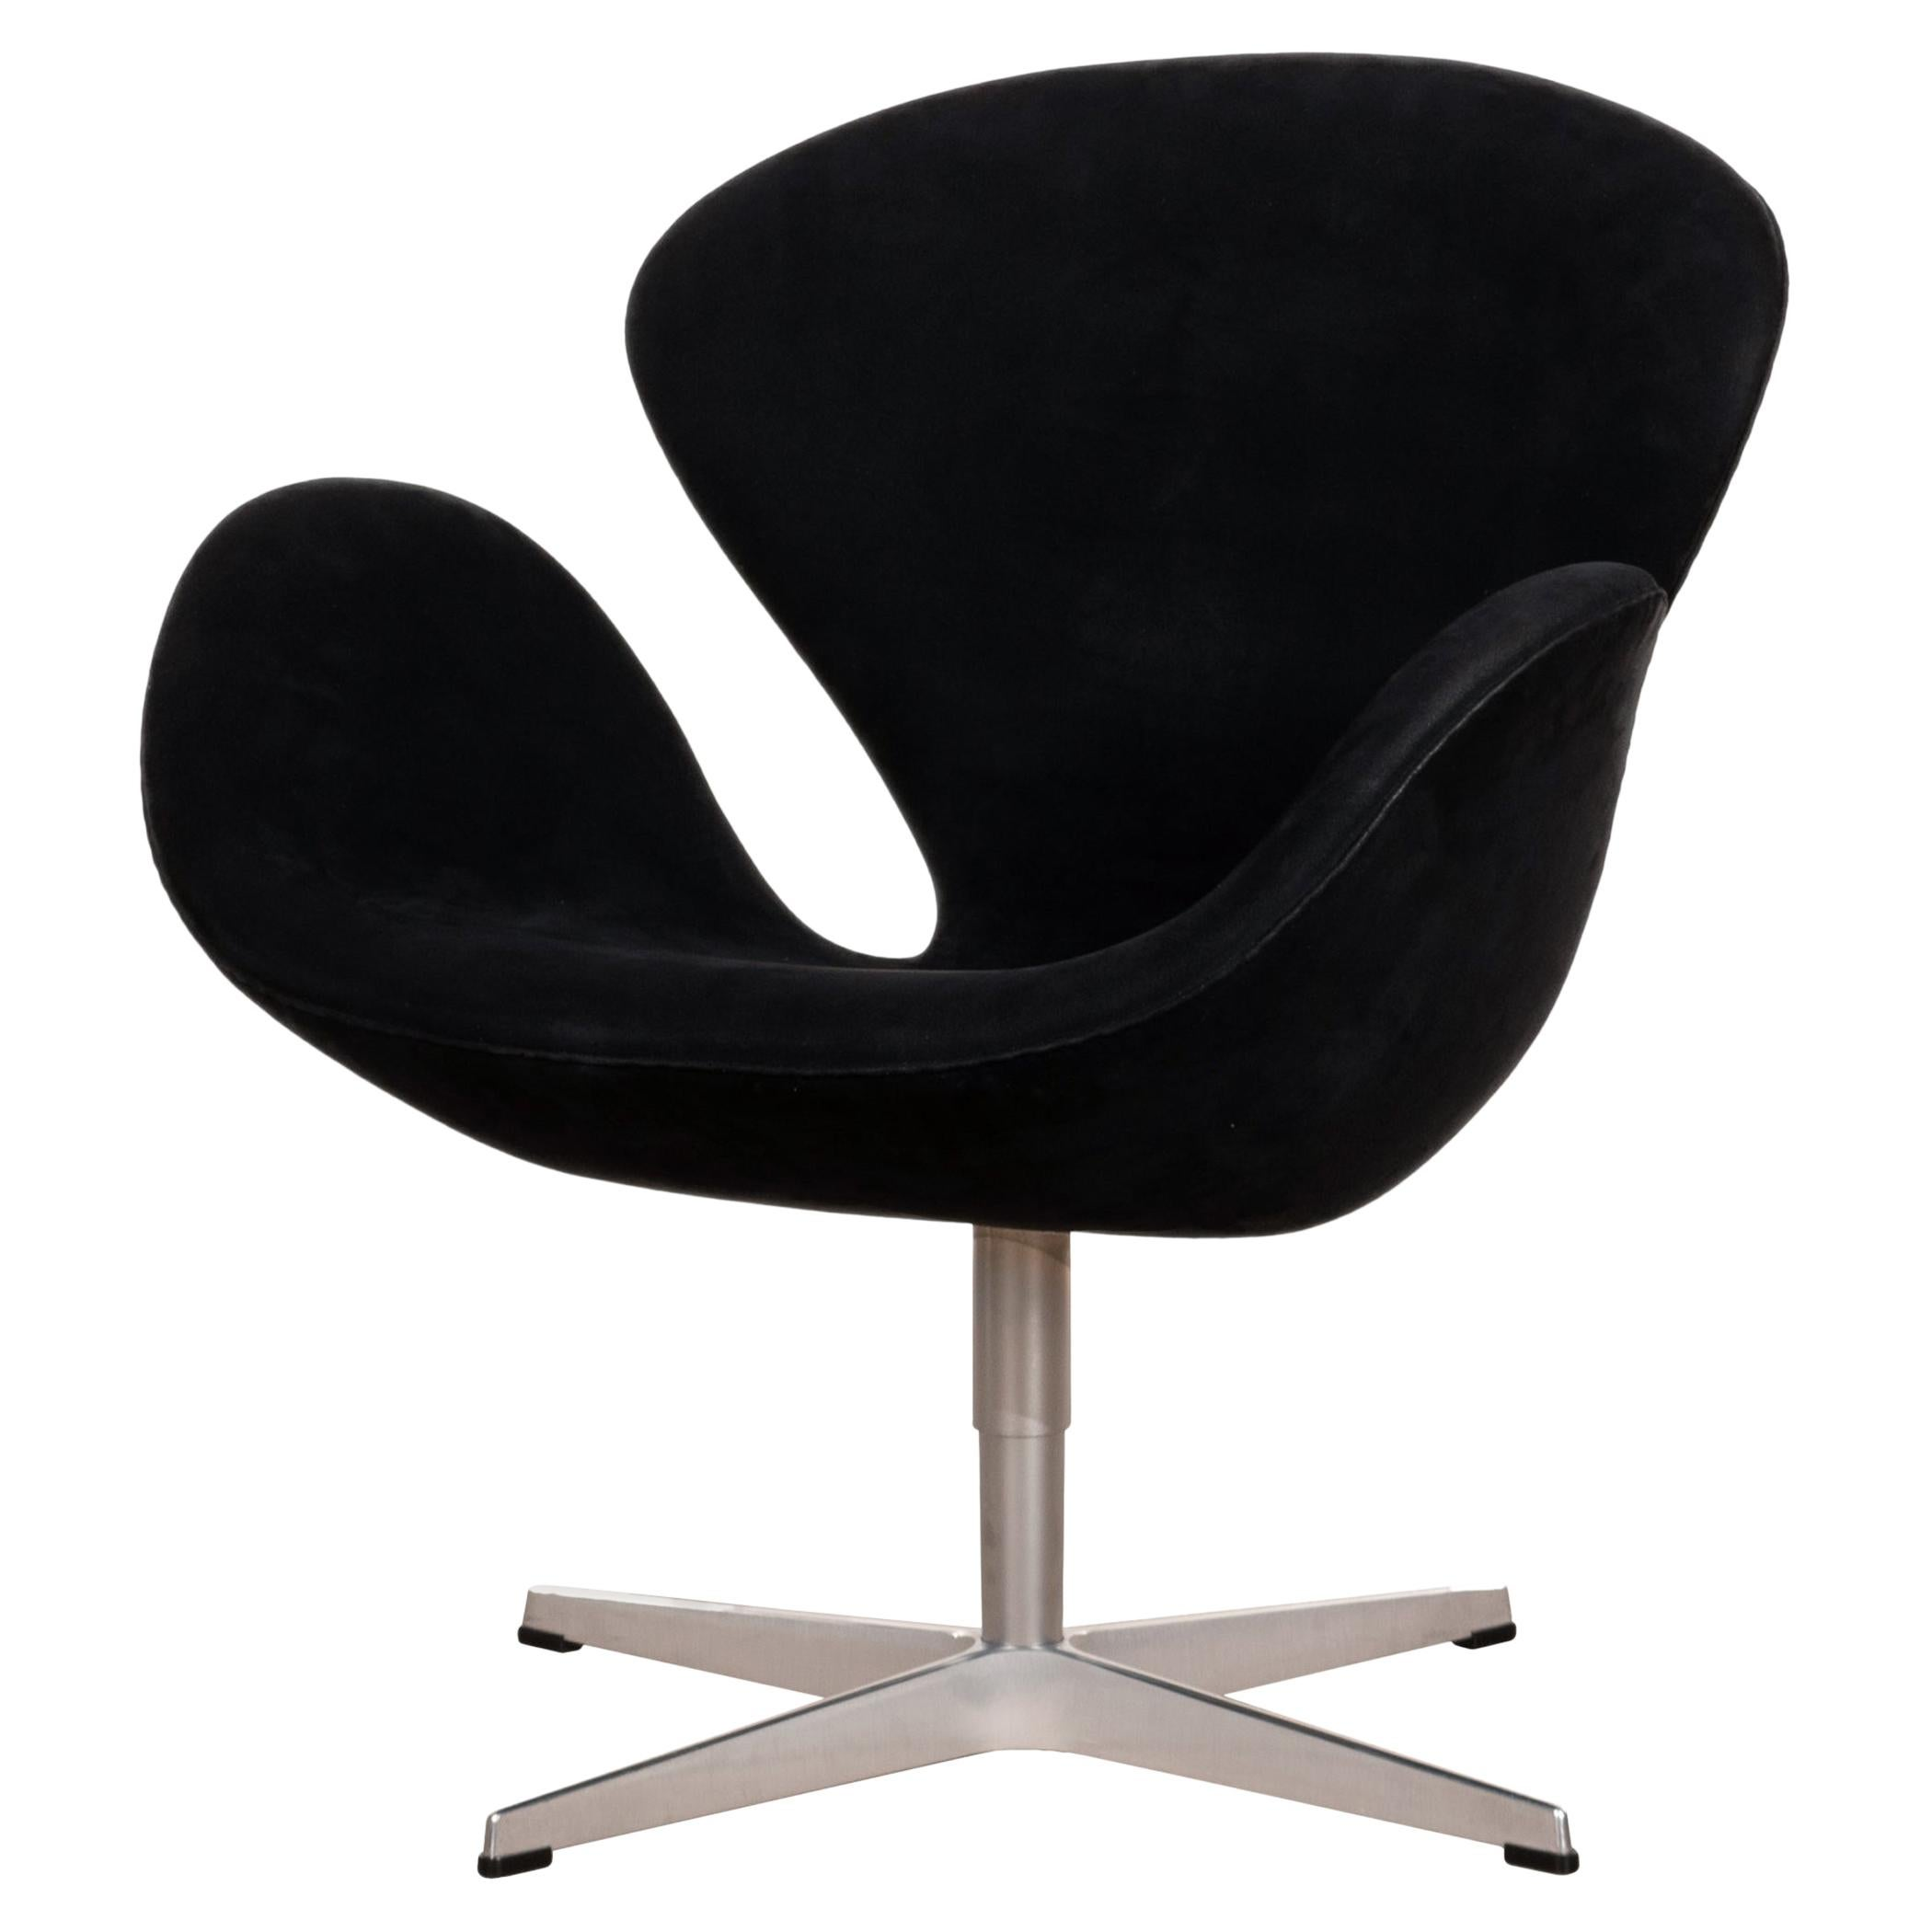 Arne Jacobsen Swan Chair in Black Alcantara for Fritz Hansen, Denmark